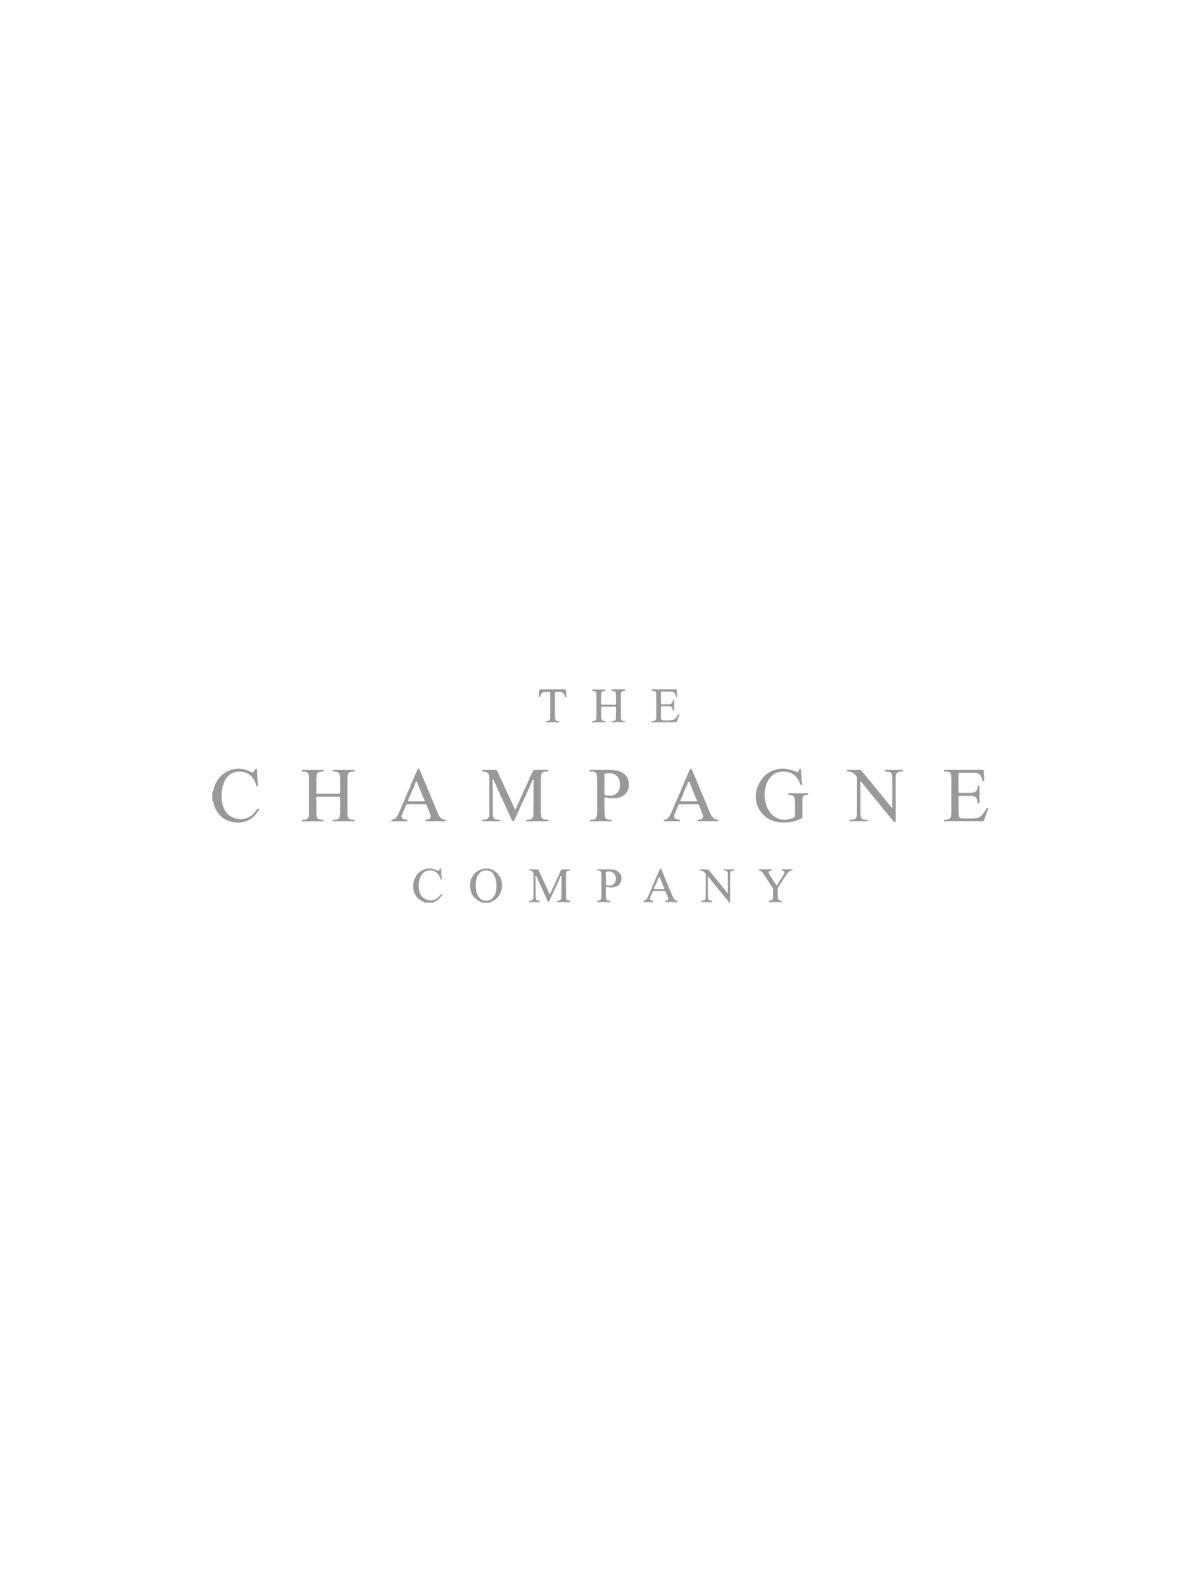 Louis Roederer Cristal 2006 Vintage Champagne 75cl